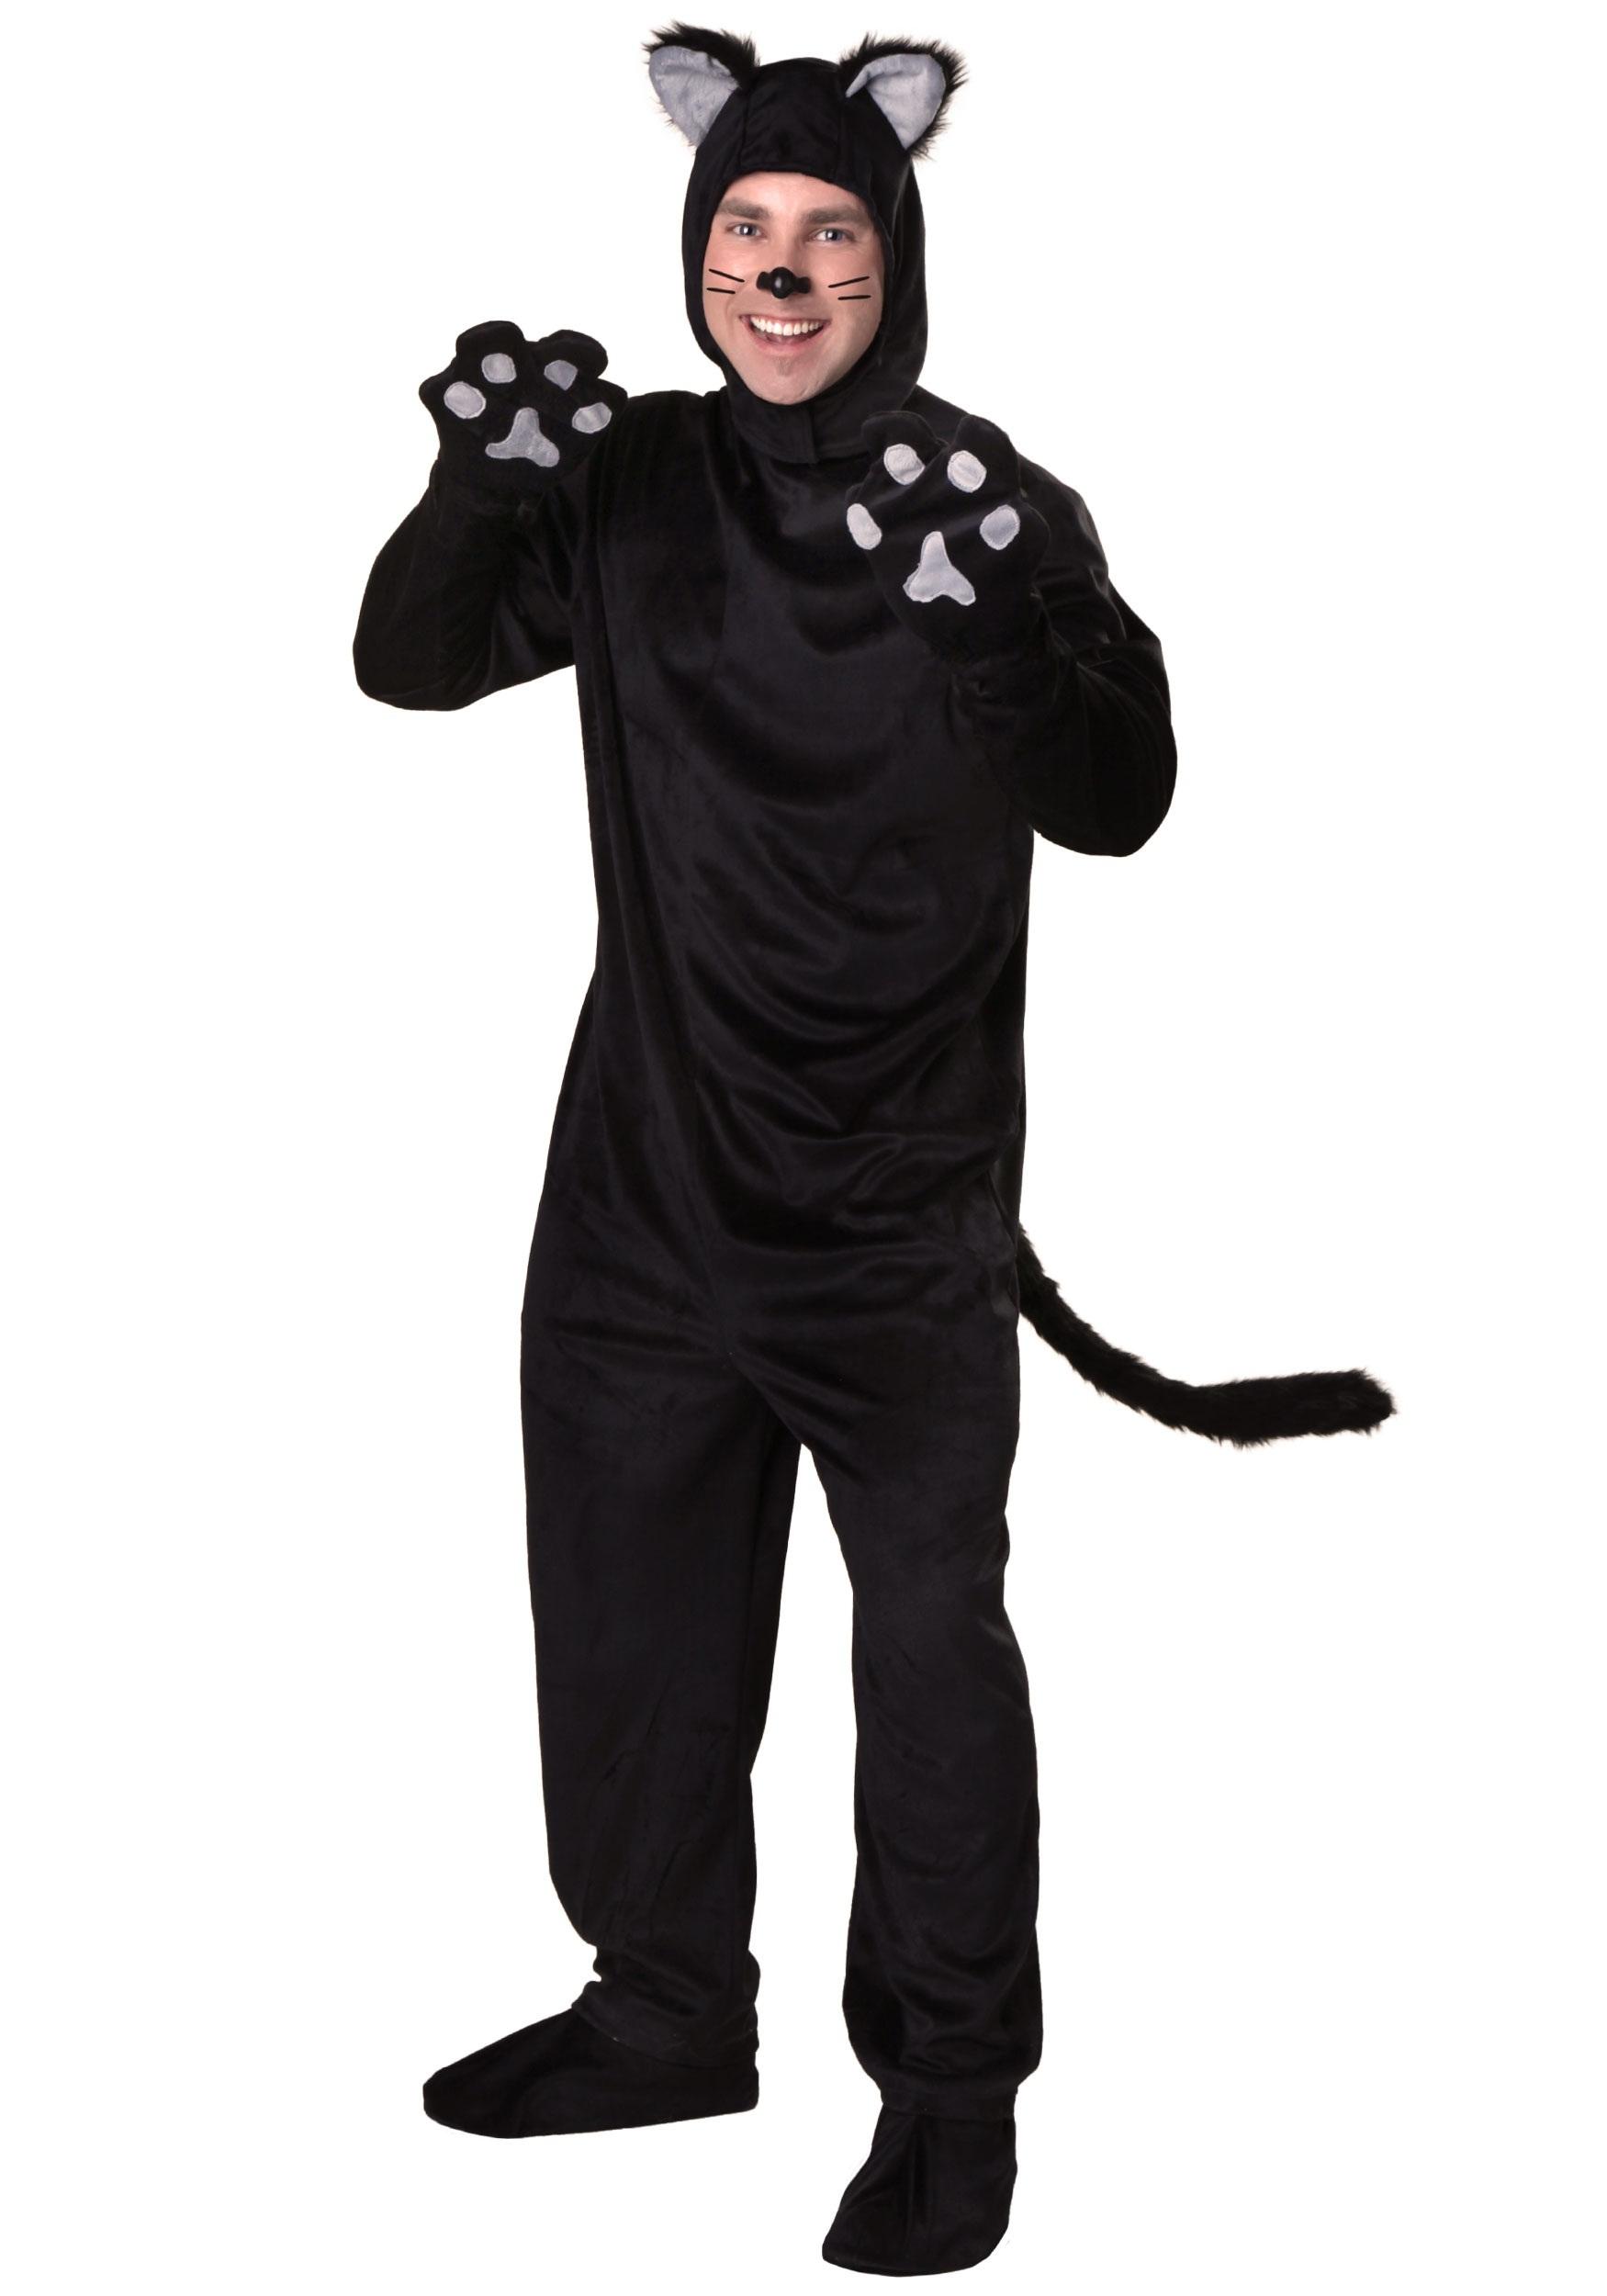 Plus Size Black Cat Costume-6987